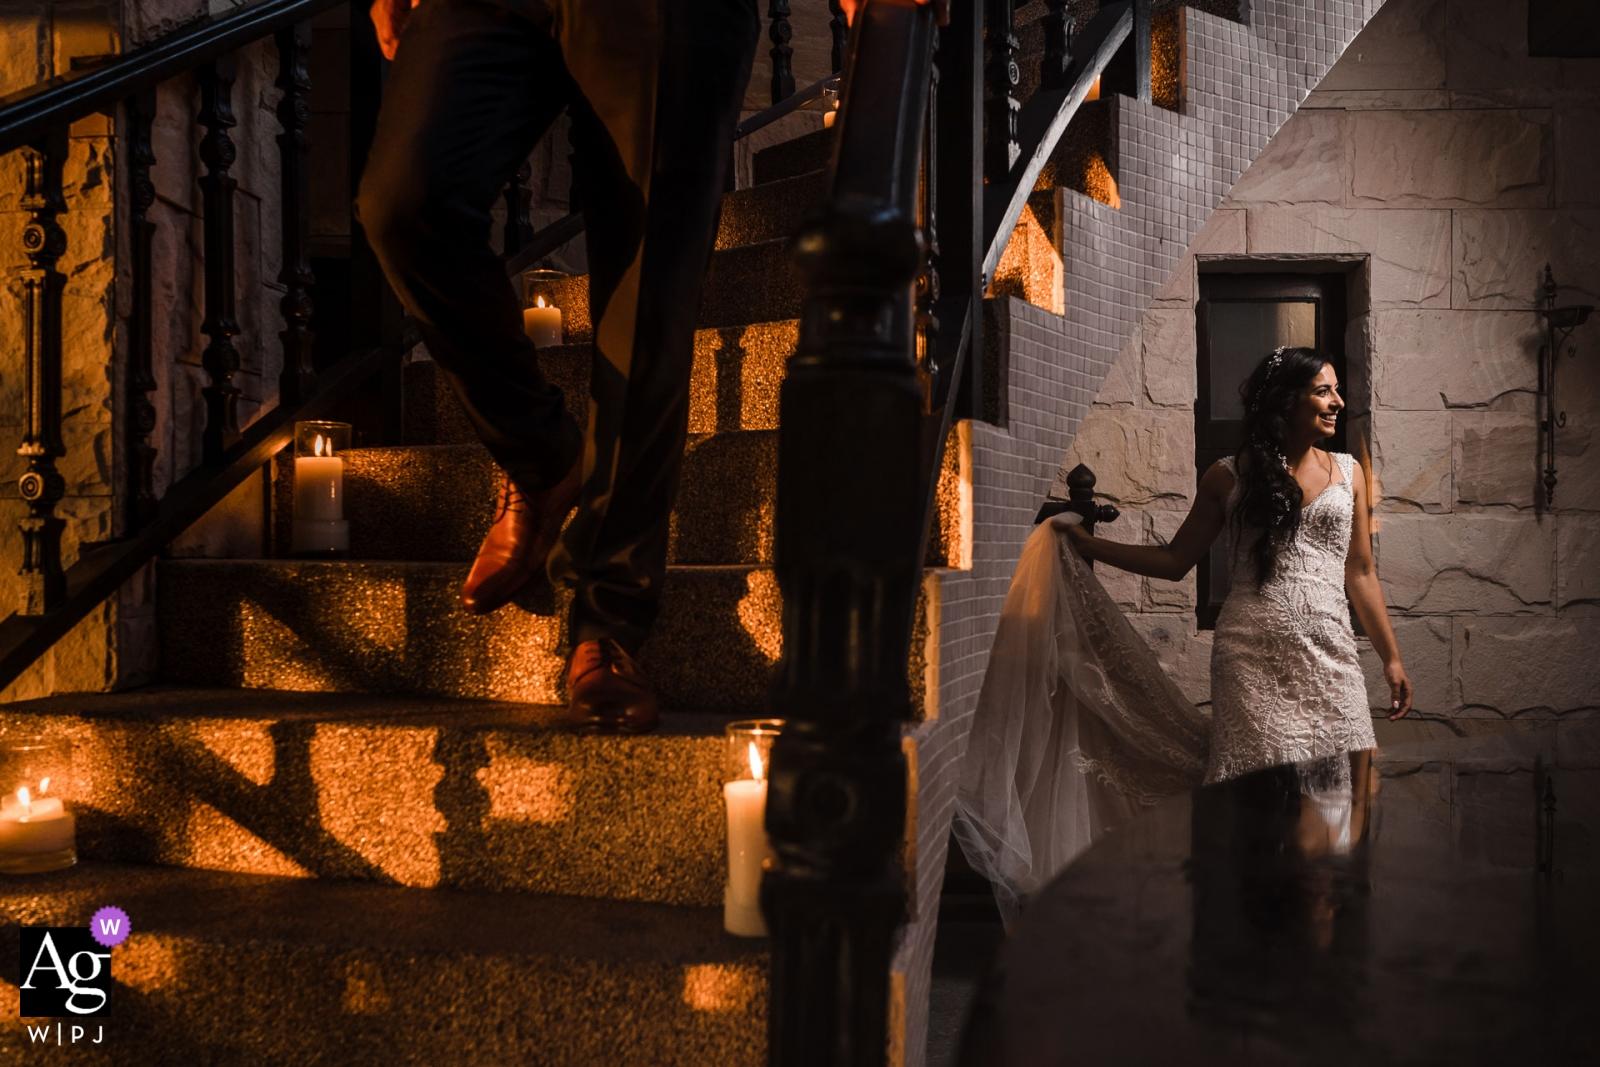 泰國婚禮之日與藝術照明設備的夫婦畫象